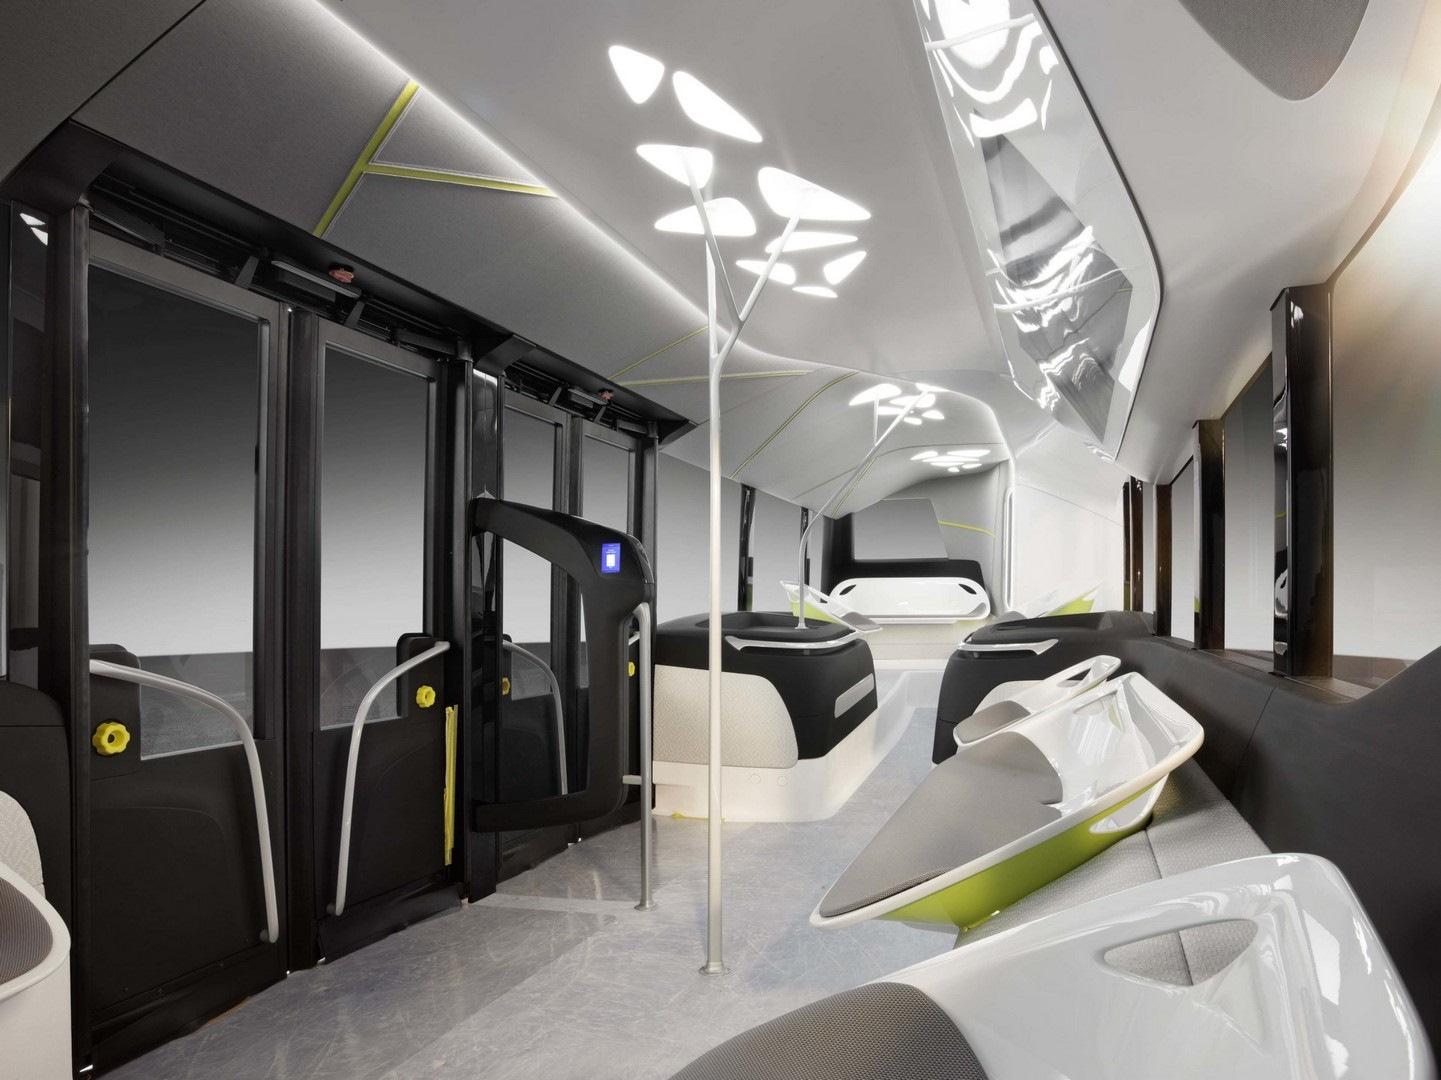 Картинки автобусы будущего